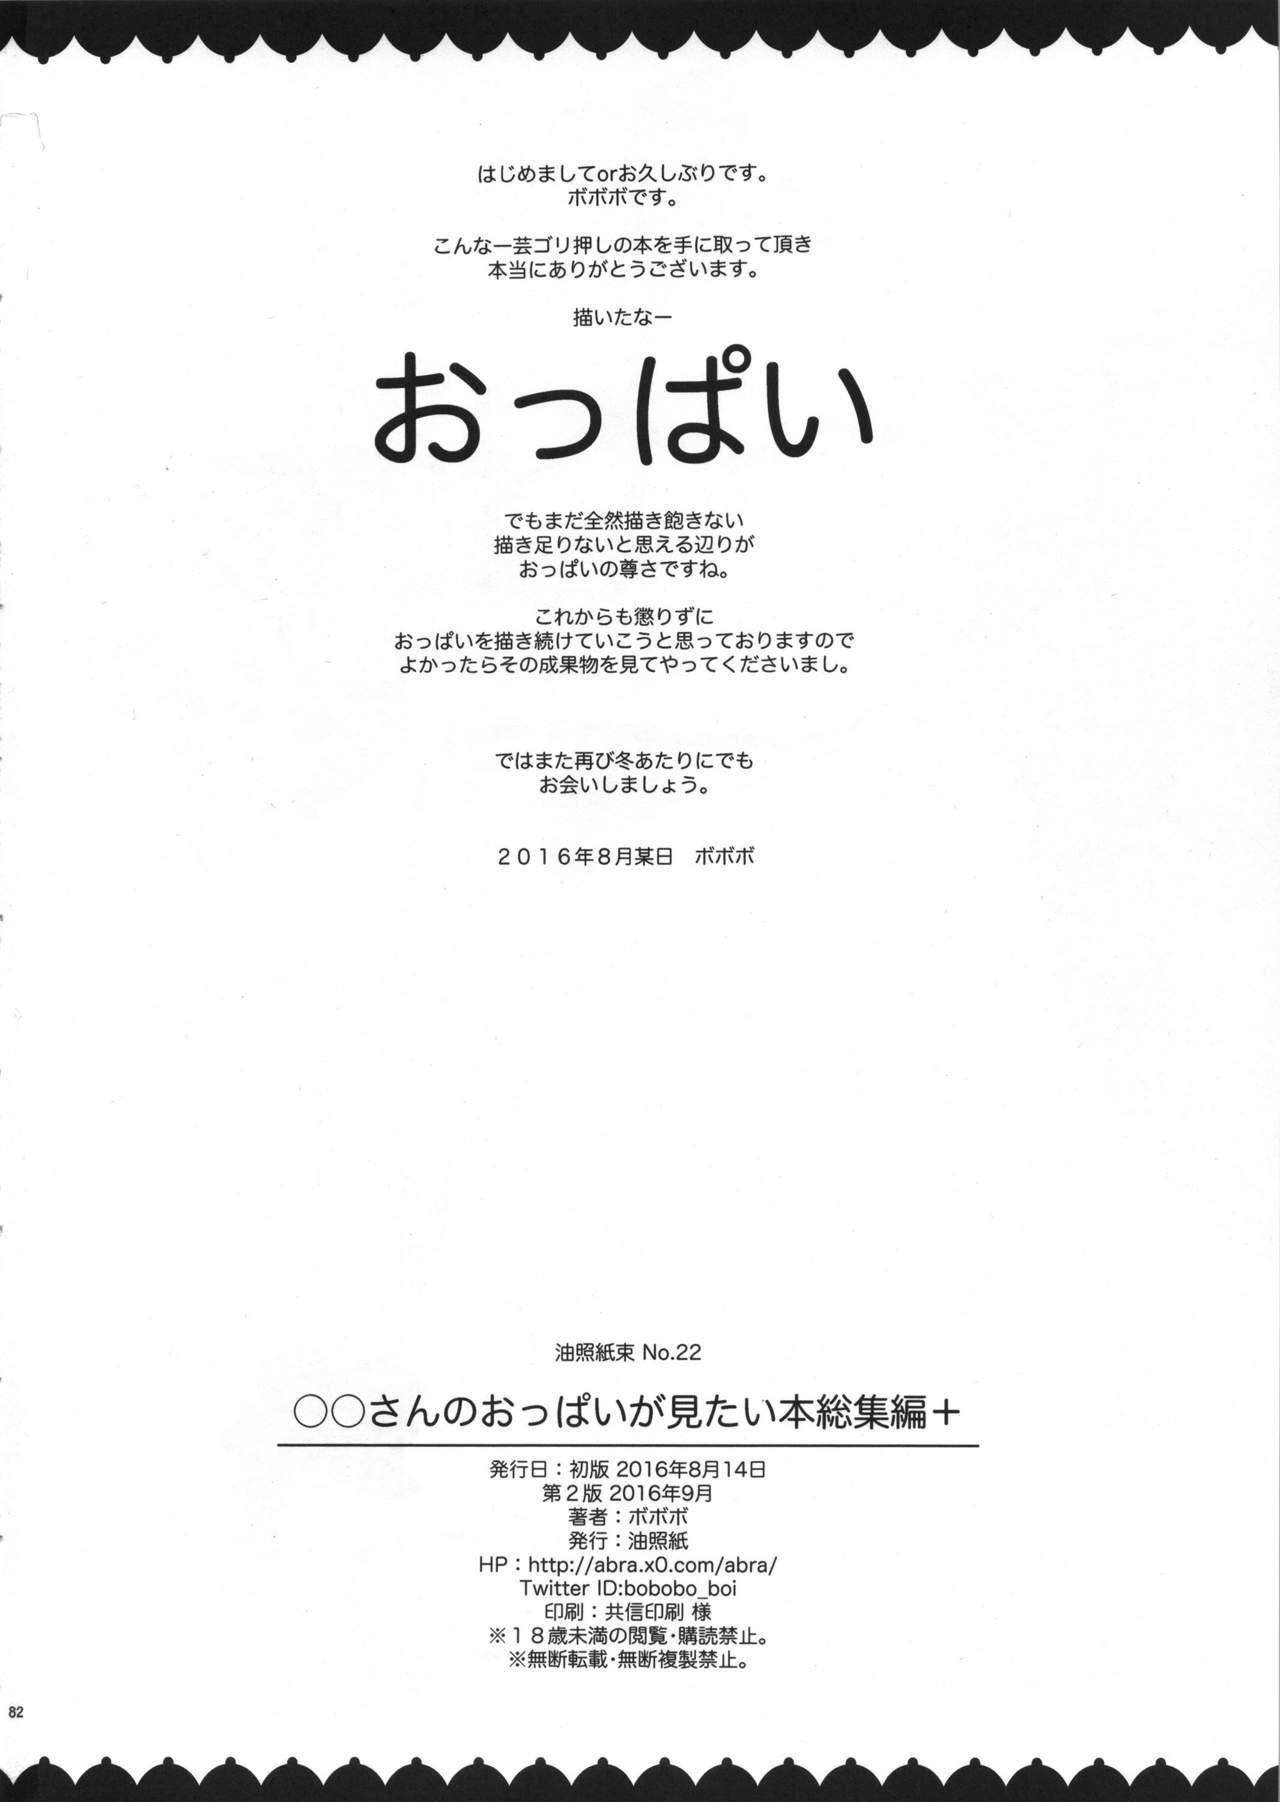 (C90) [Abradeli Kami (Bobobo)] ◯◯-san no Oppai ga Mitai Hon Soushuuhen+ | Boobs (O|O) Book Summary (Various) [English] {Doujins.com} 80